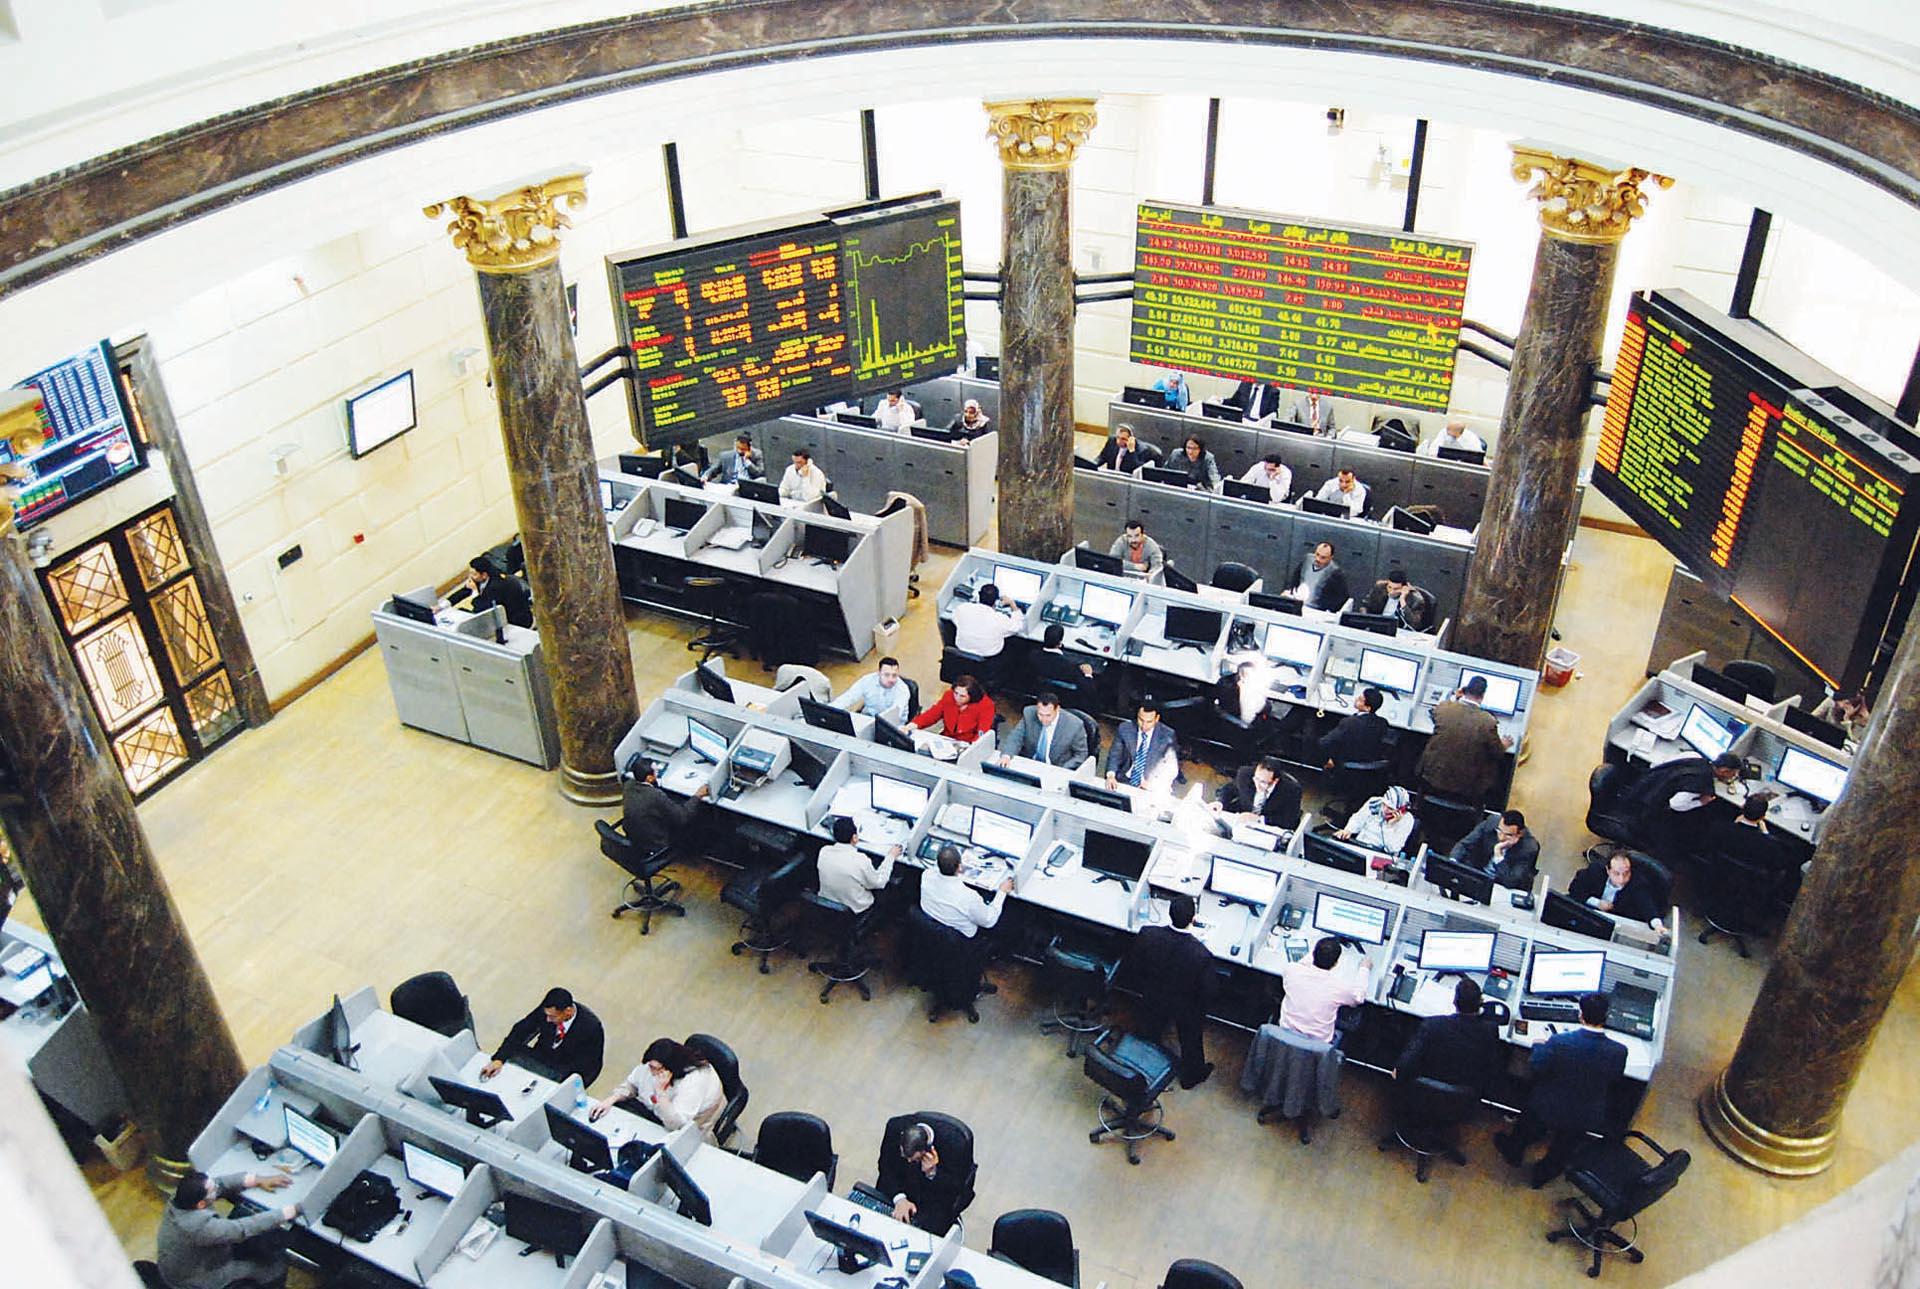 أخبار البورصة المصرية اليوم الأربعاء 18-3-2020 - جريدة المال